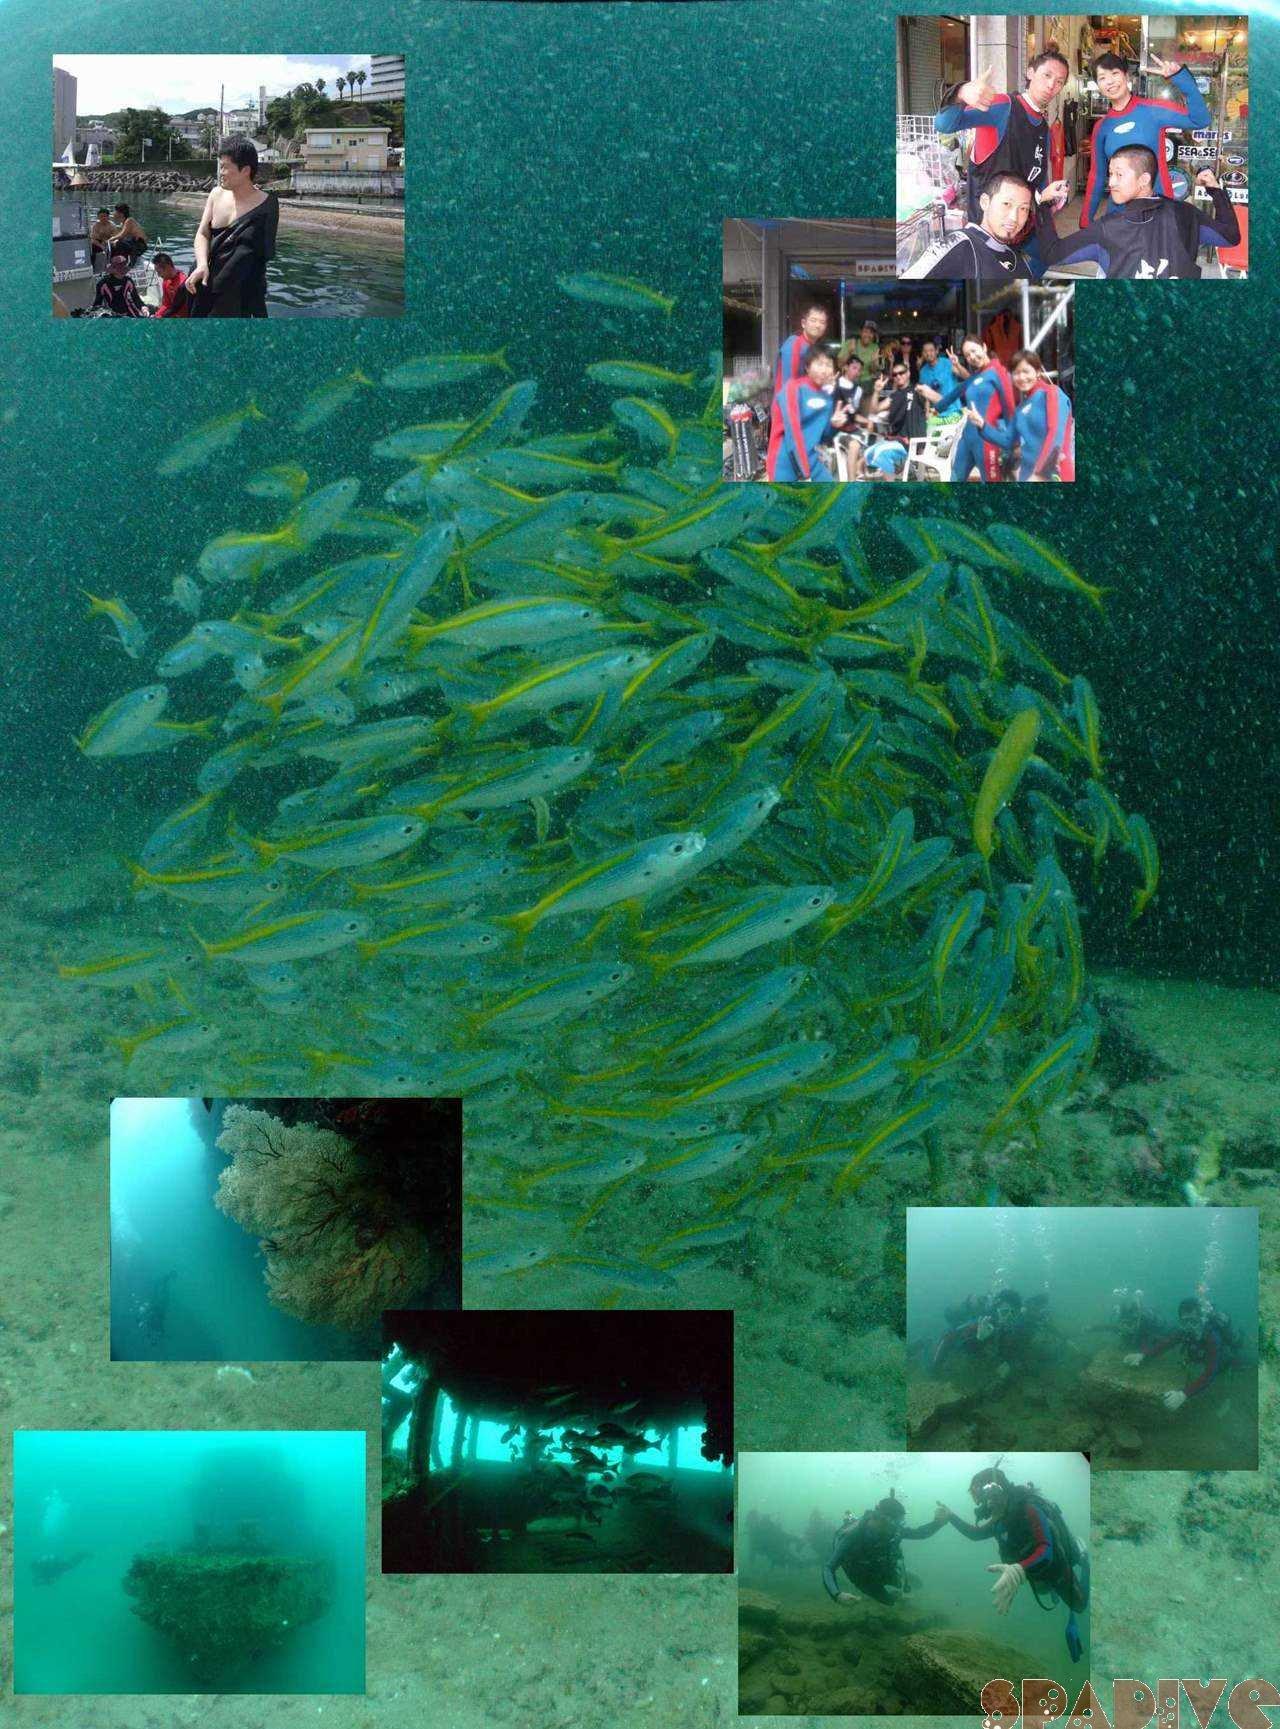 色津&沈船ボートファンダイブ 体験ダイビング 7/25/2009白浜